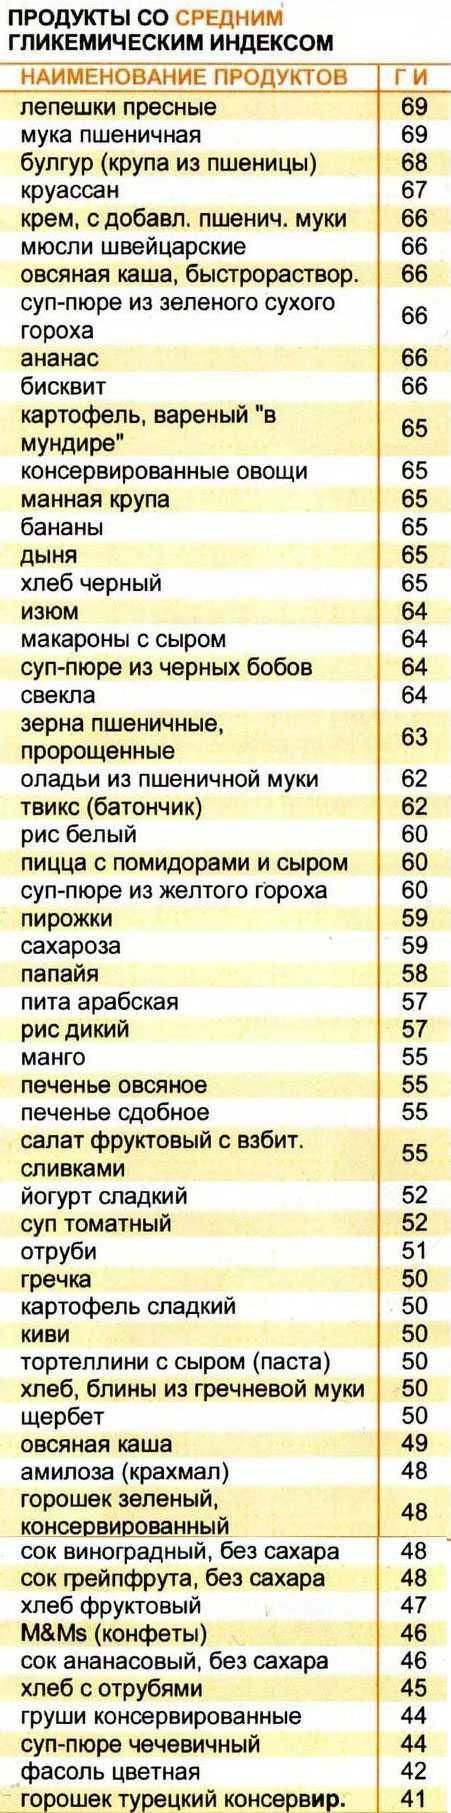 Таблица 2: продукты со средним гликемическим индексом